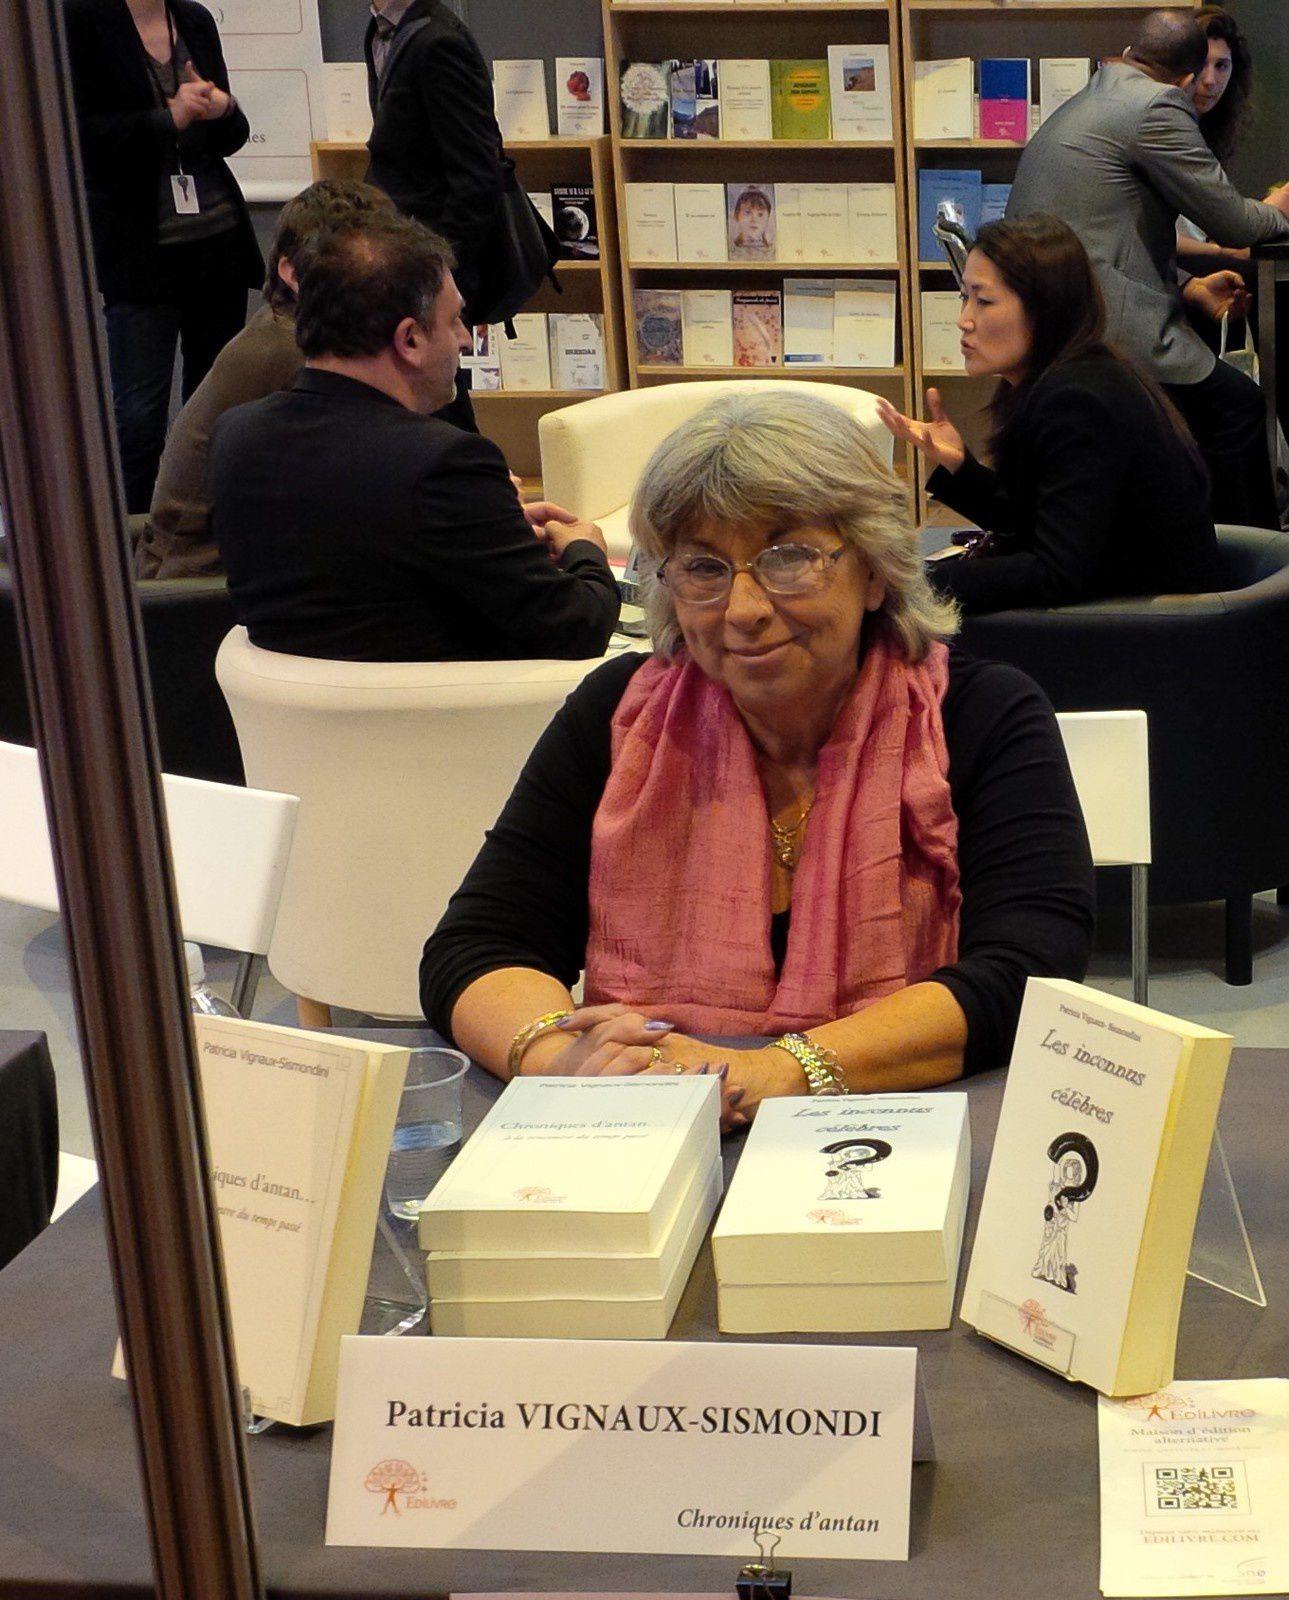 Salon du livre de paris le blog de patricia vignaux for Salon du livre lorient